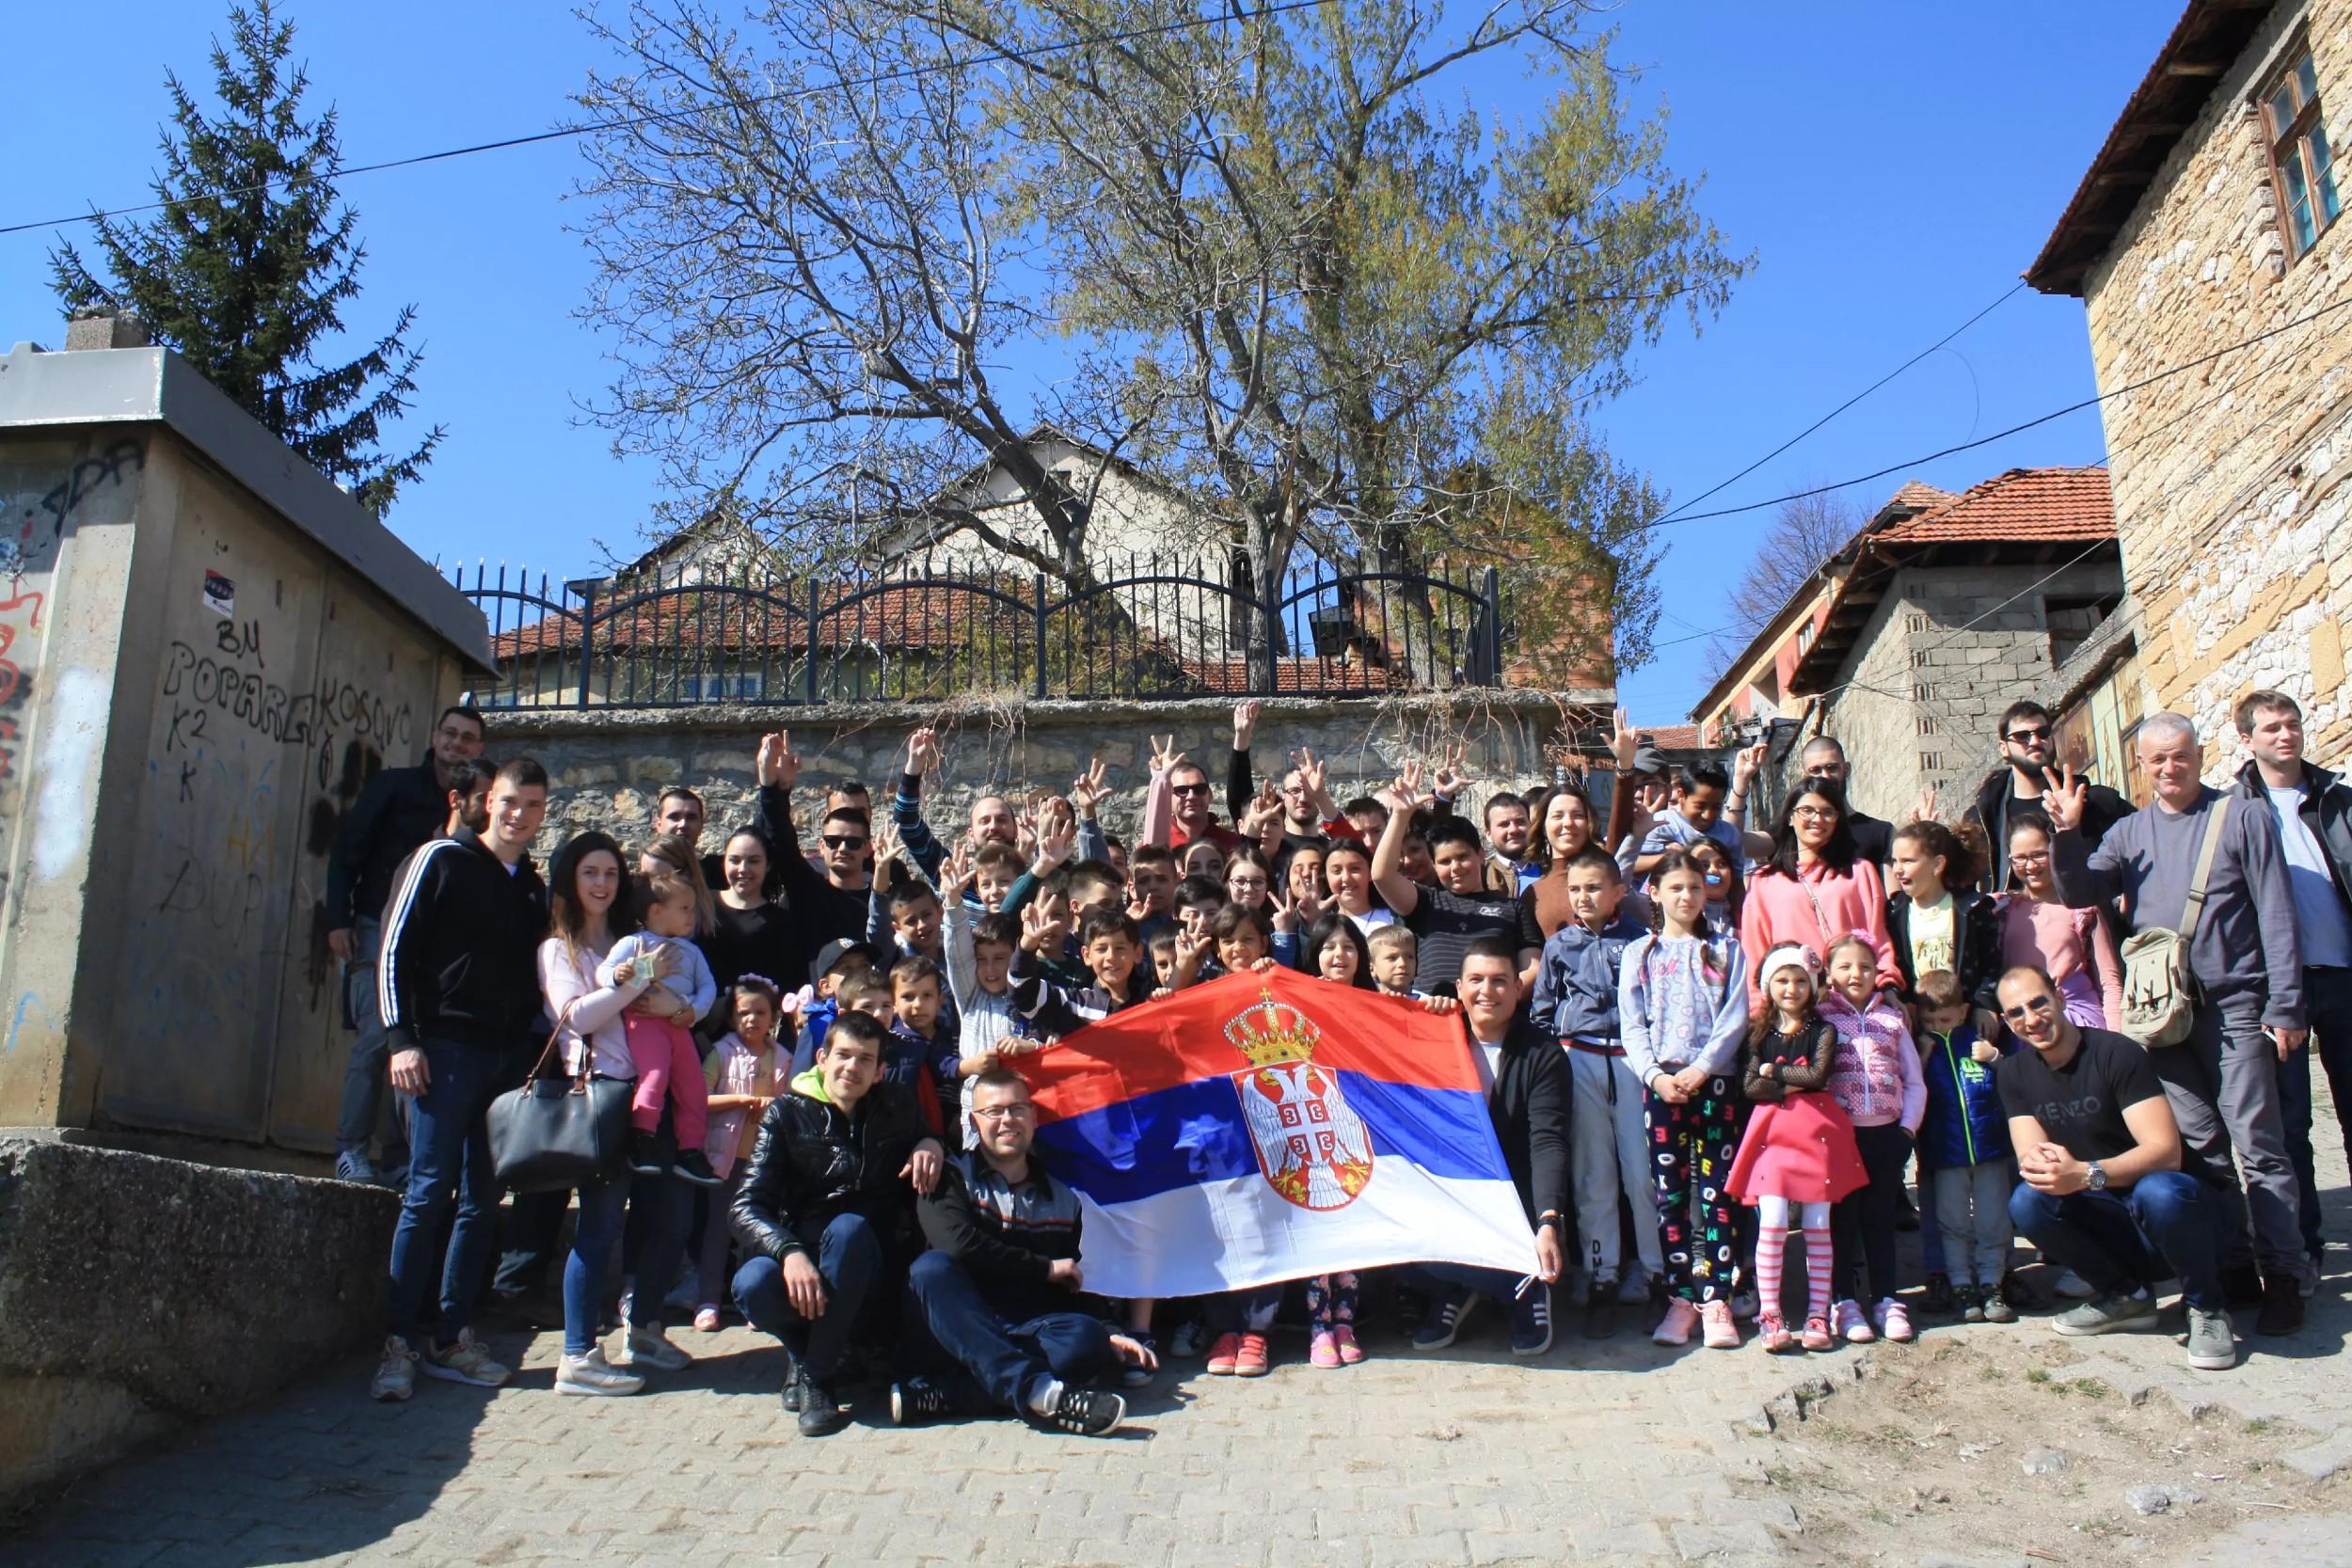 Студенти са децом Ораховца током посете Косову и Метохији, 30. март 2019. (Фото: Нови Стандард)